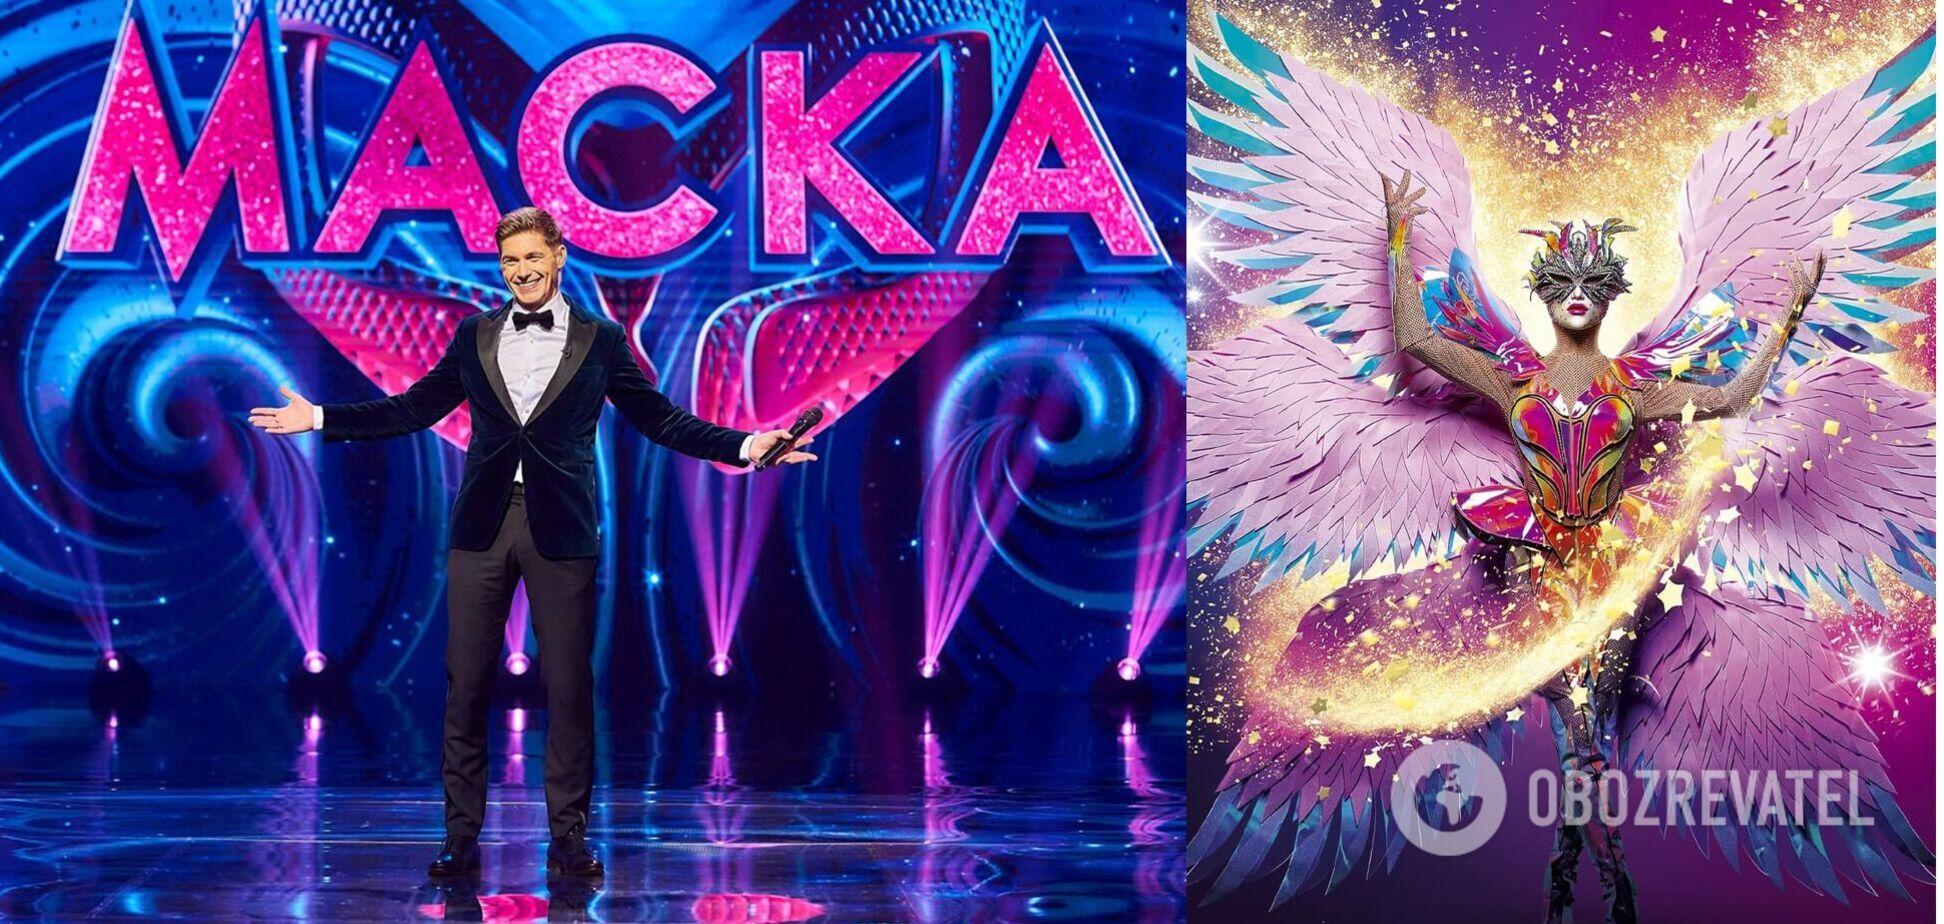 Крила вагою в 10 кг і 3D-дизайн: чим здивує новий персонаж на шоу 'Маска'